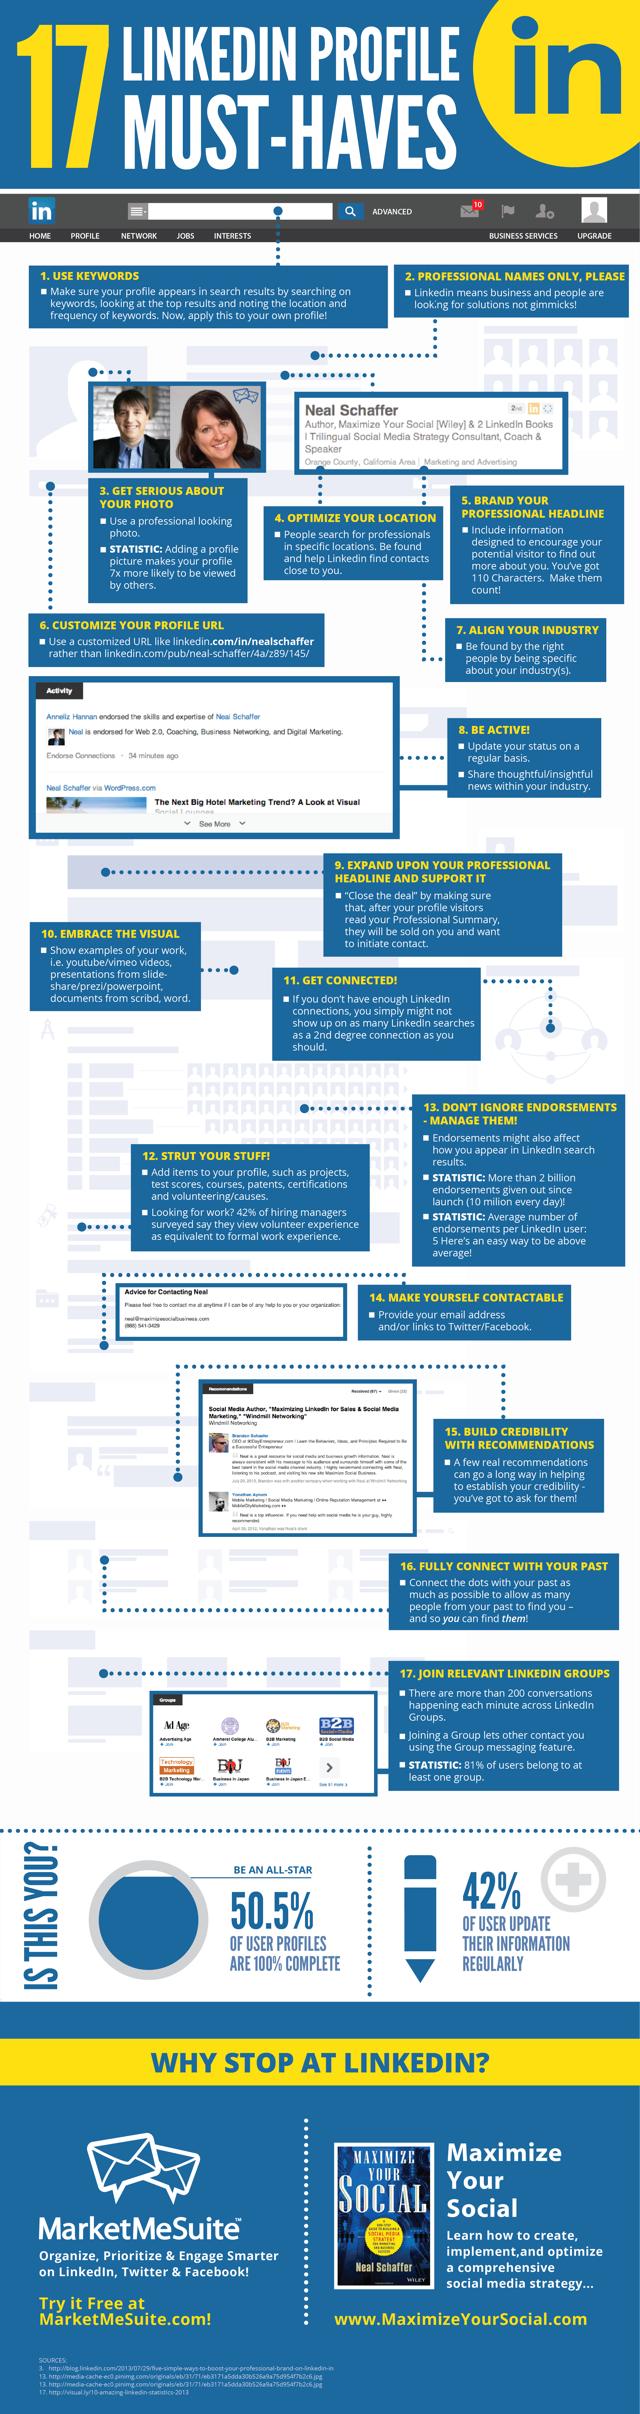 10 musthaves op een LinkedIn profiel